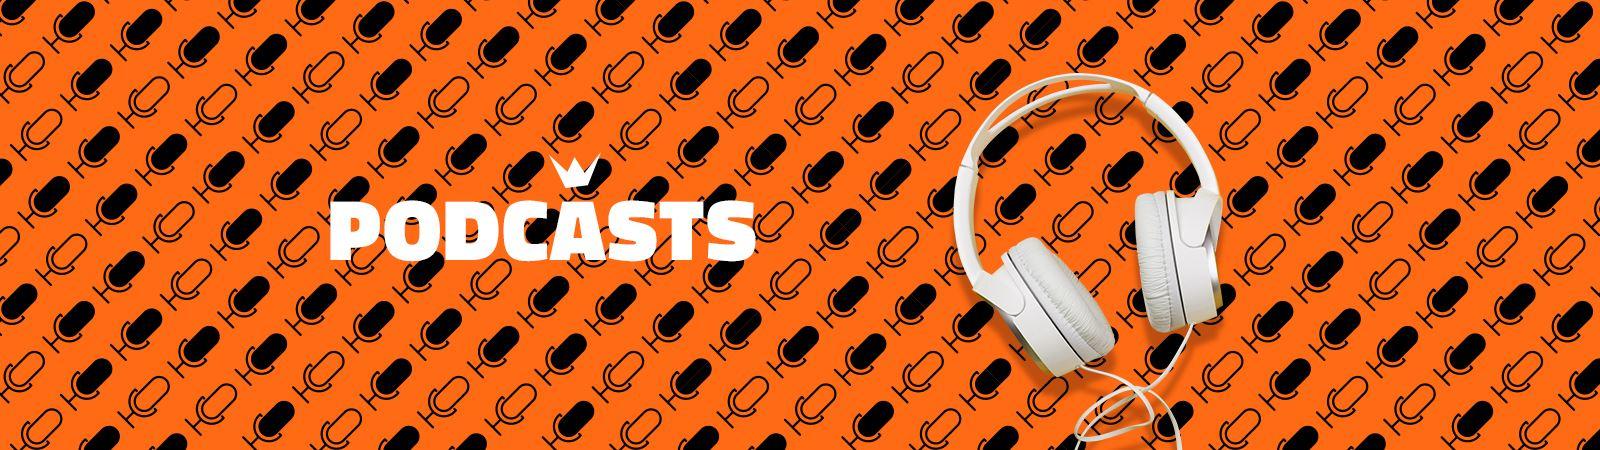 Se não ouviste ou queres ouvir outra vez... tens tudo em podcast!